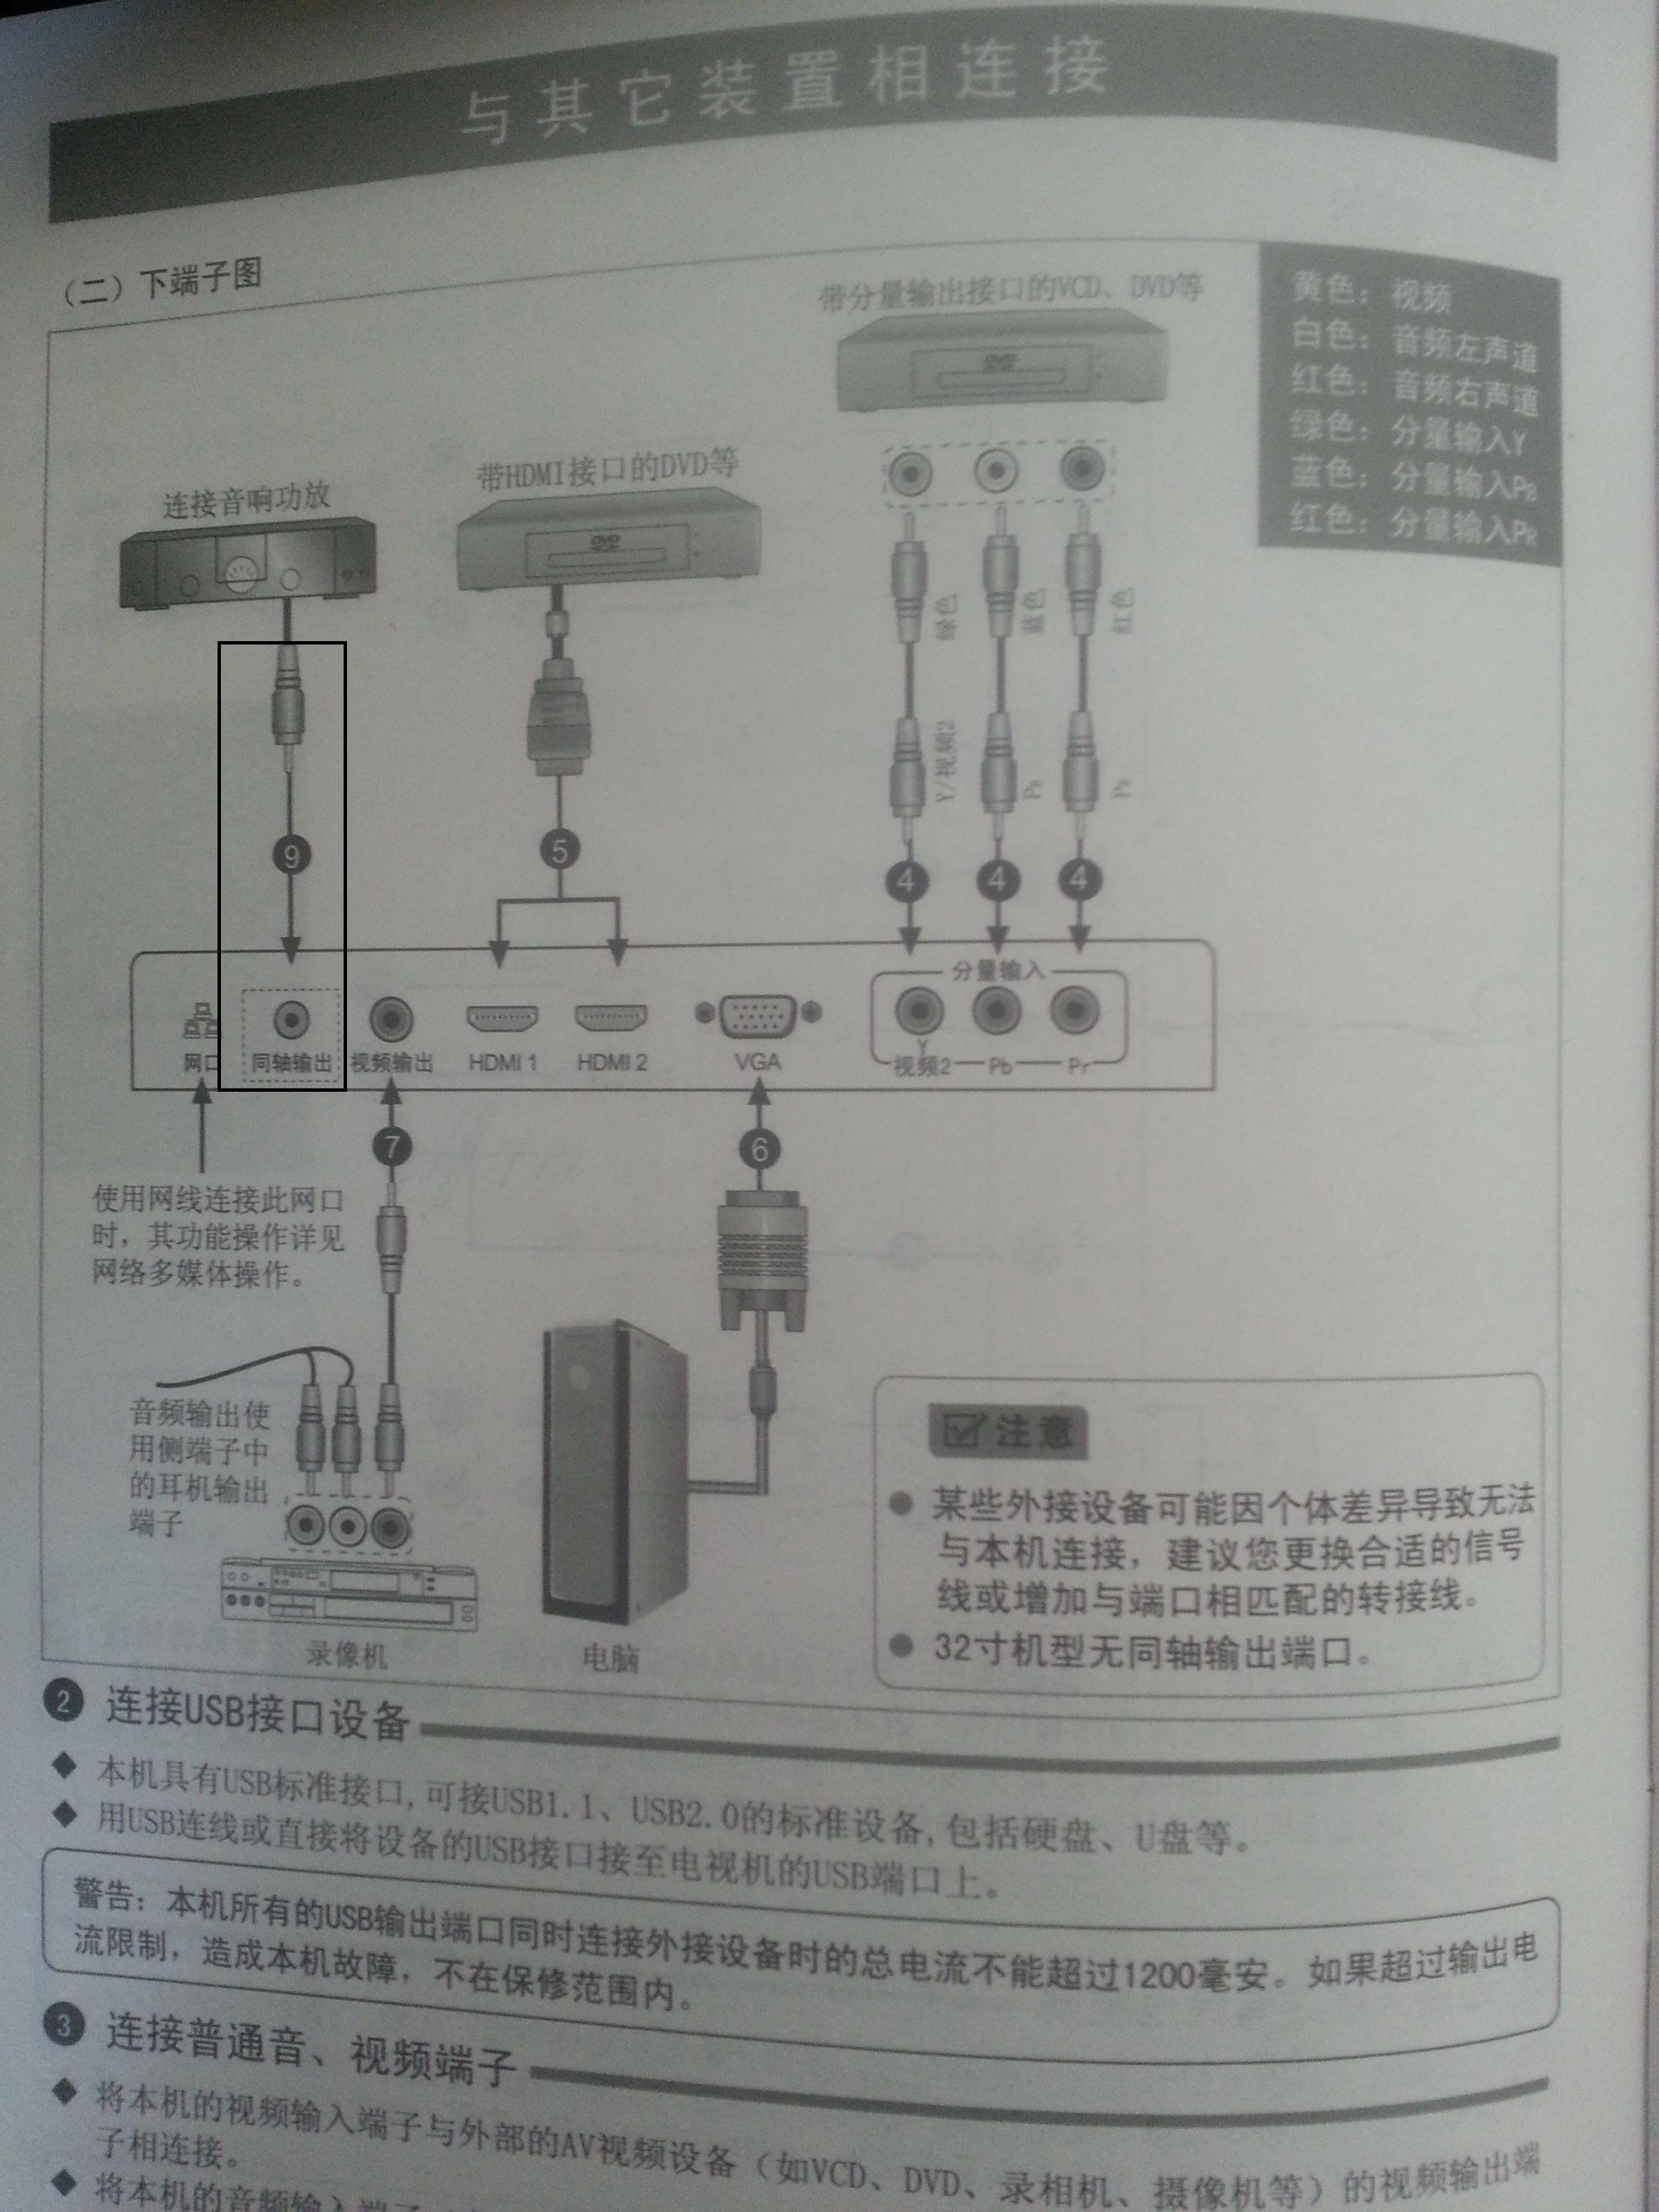 海信led电视同轴输出连接音箱问题